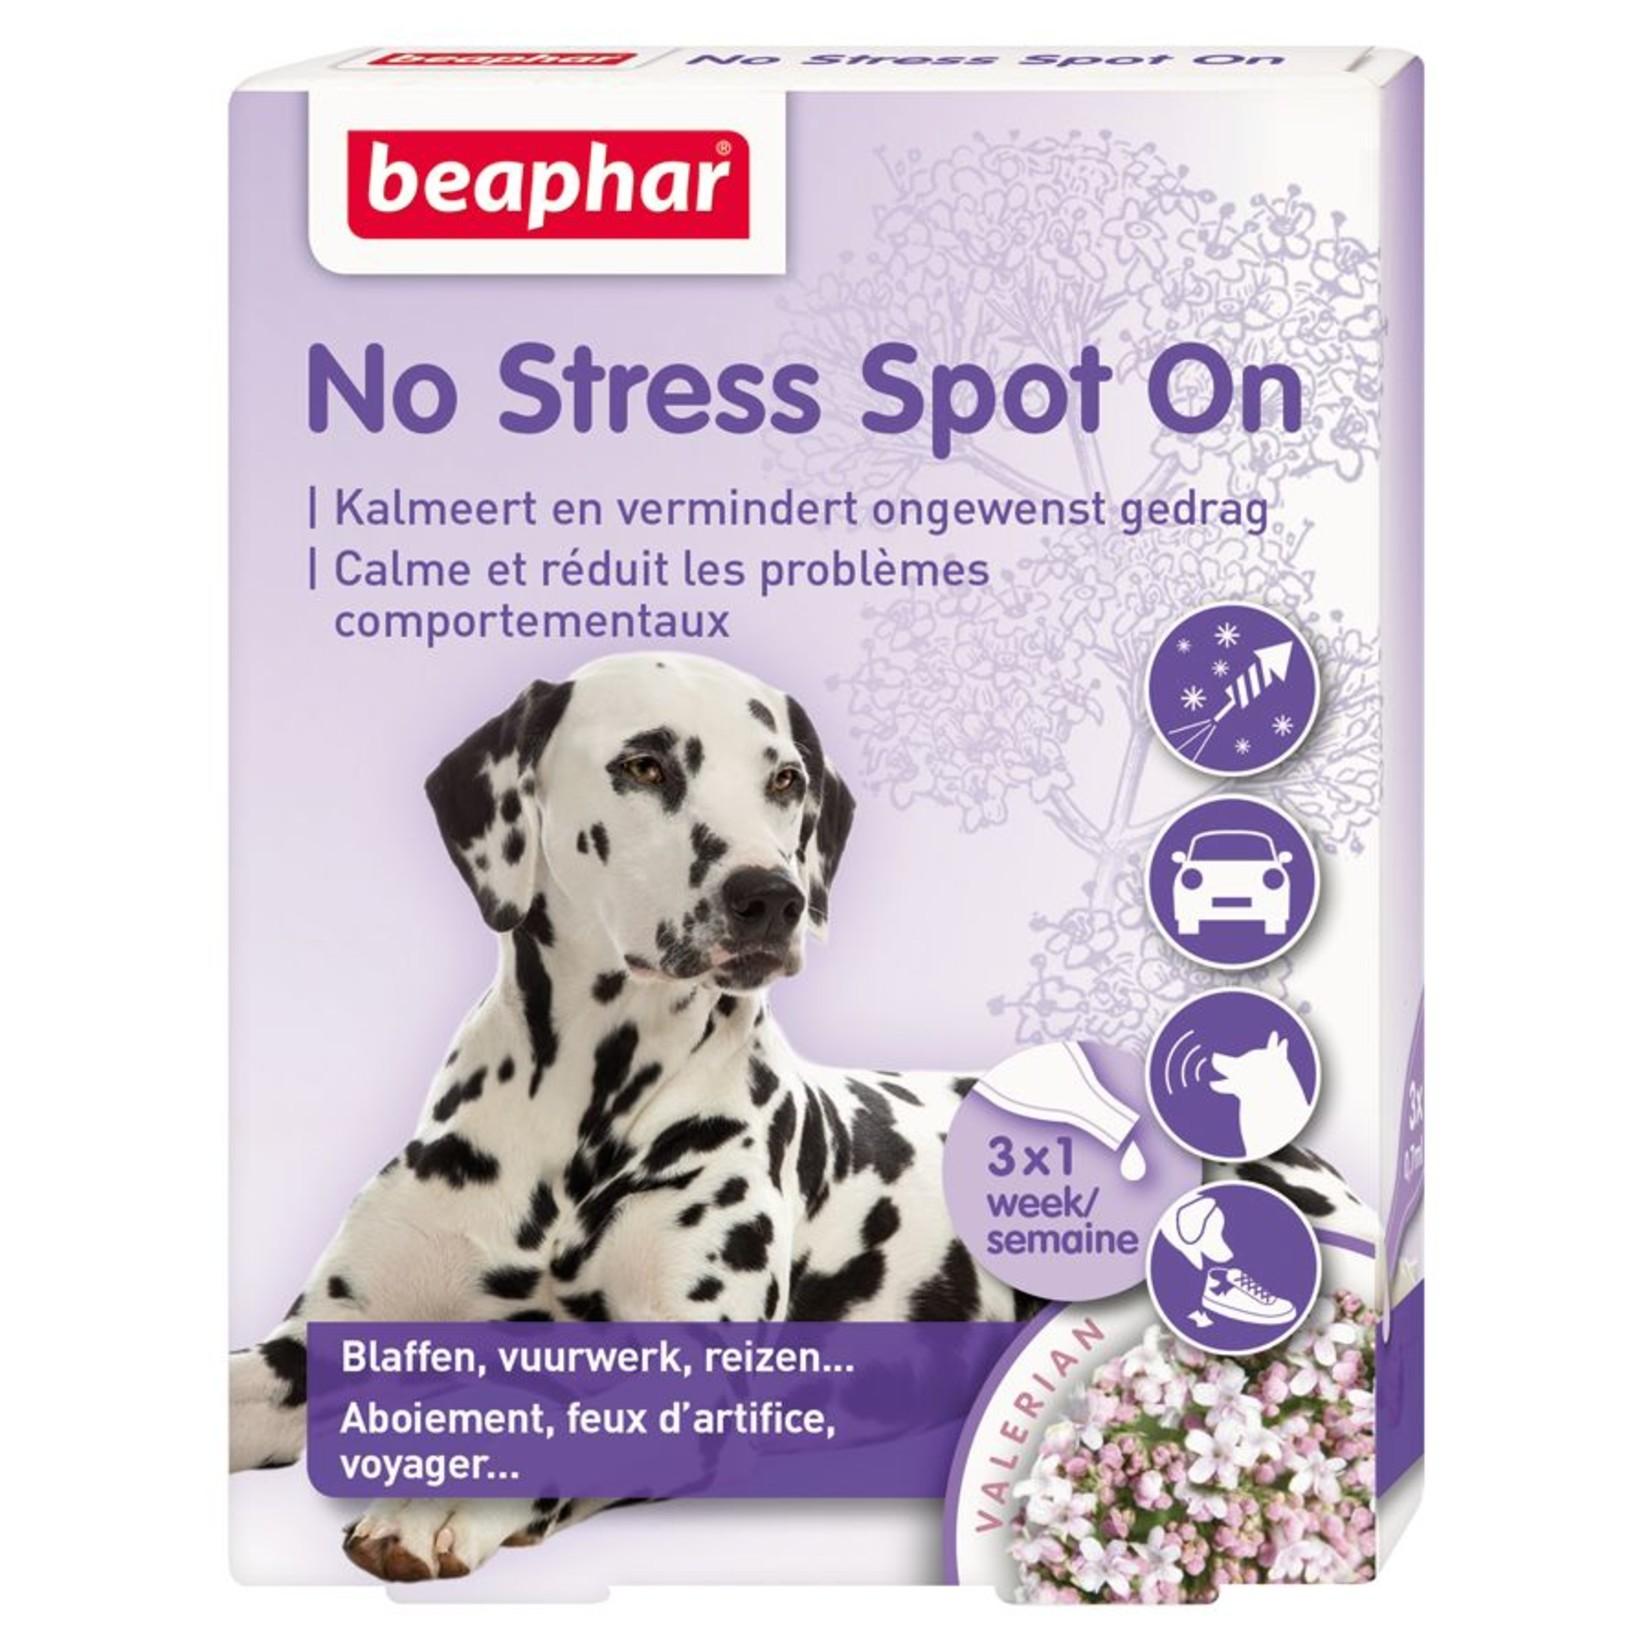 No stress hond. Spot on